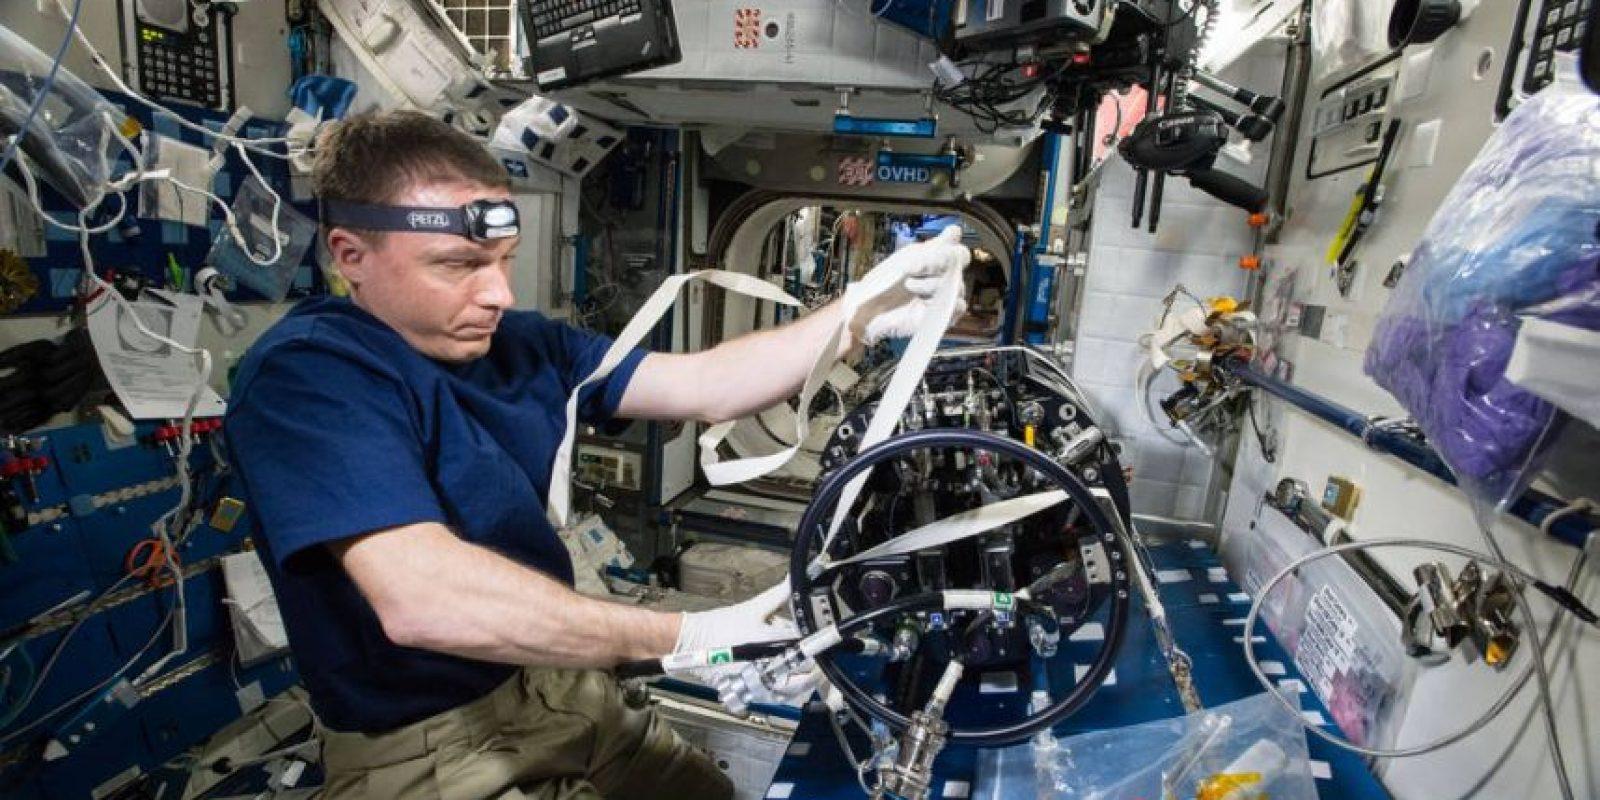 El astronauta Terry Virts es encargado de analizar el funcionamiento de la nave espacial para en un futuro mejorarlas. Foto:Vía nasa.gov